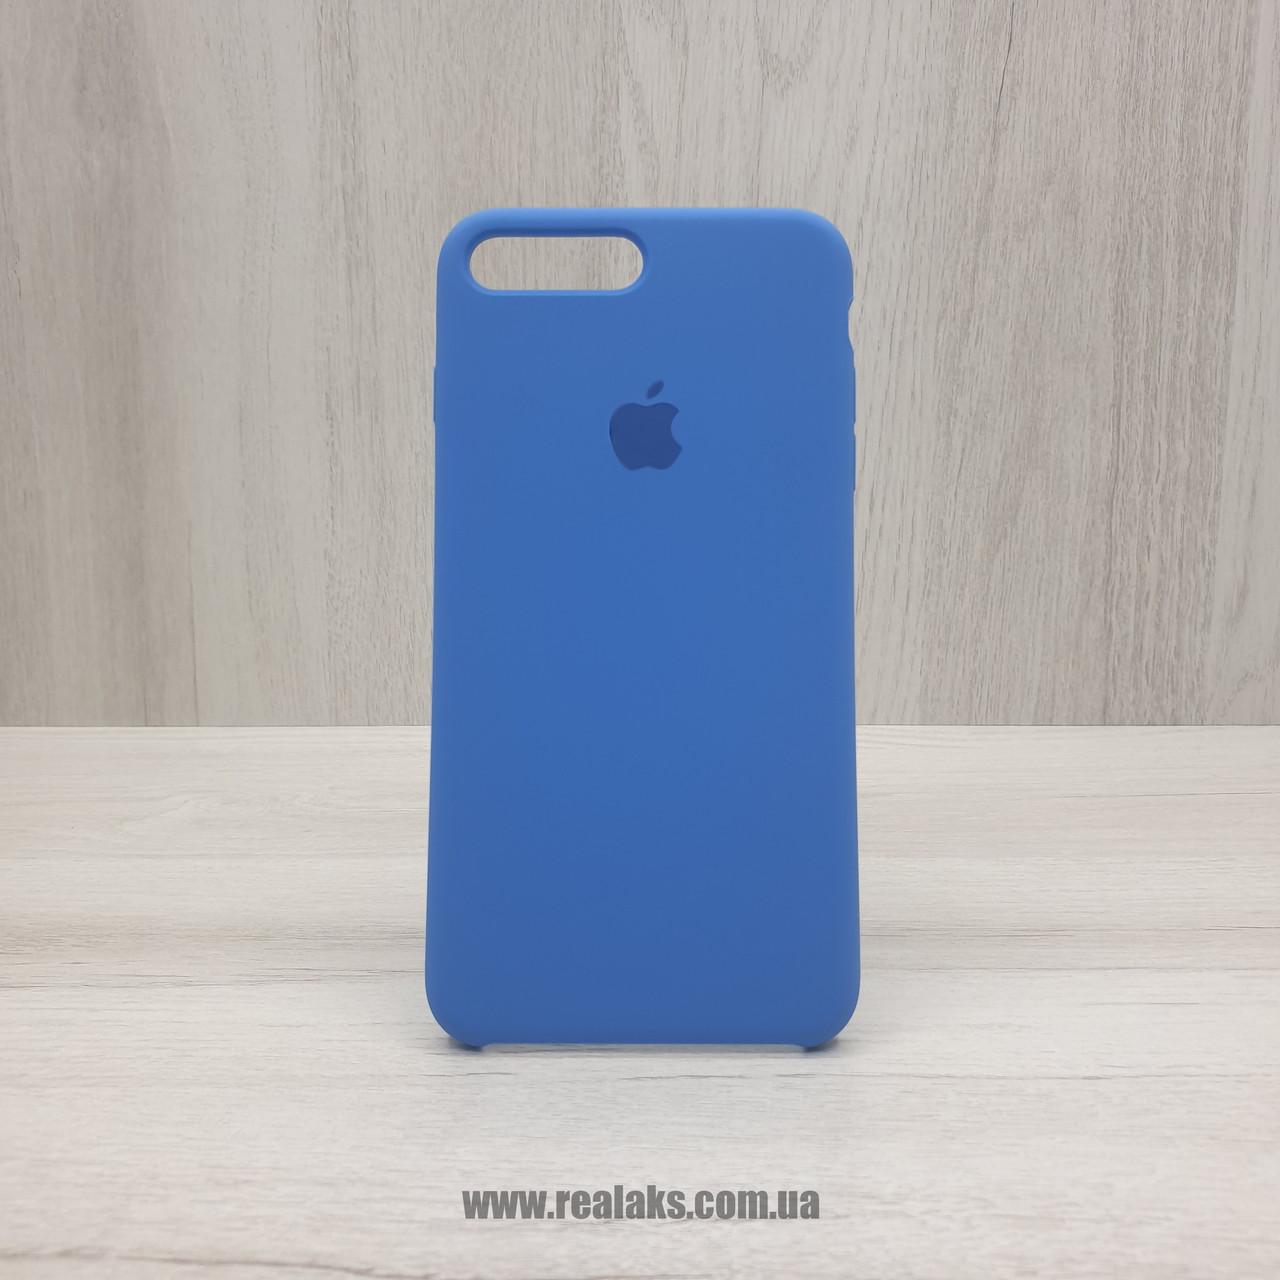 Чехол Silicone Case для Apple iPhone 7/8 Plus royal blue